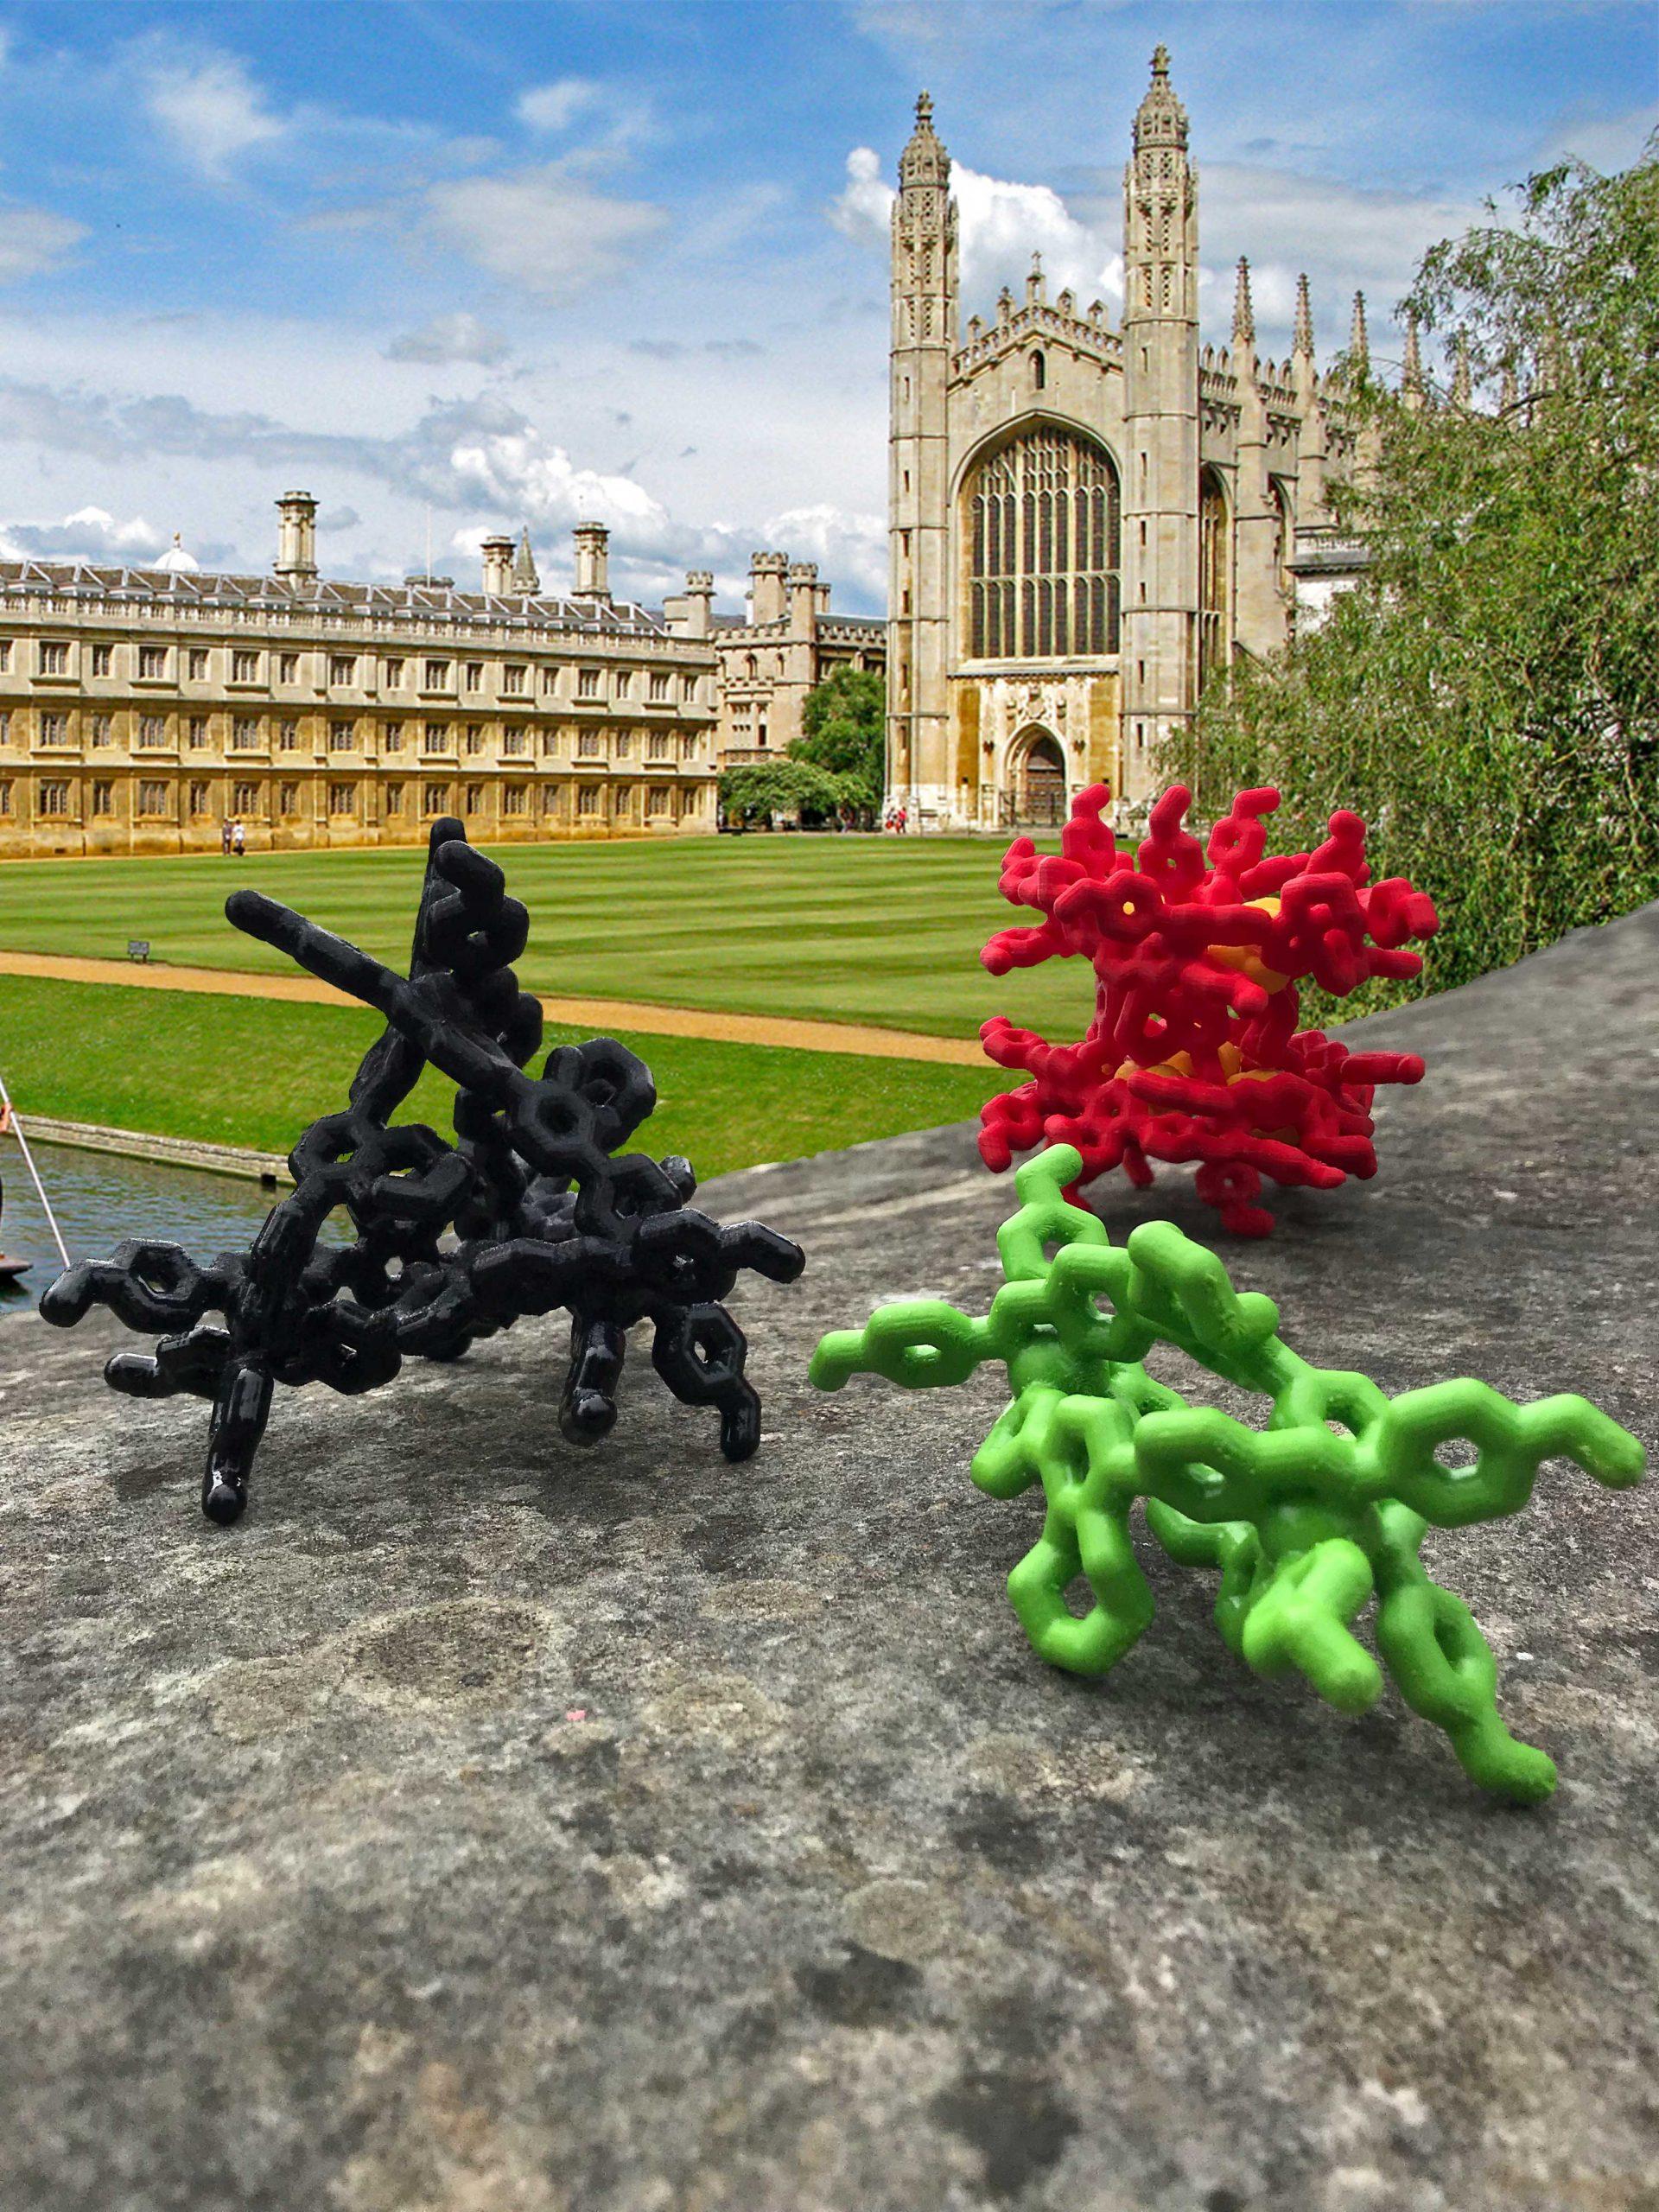 Transforming supramolecular complexes